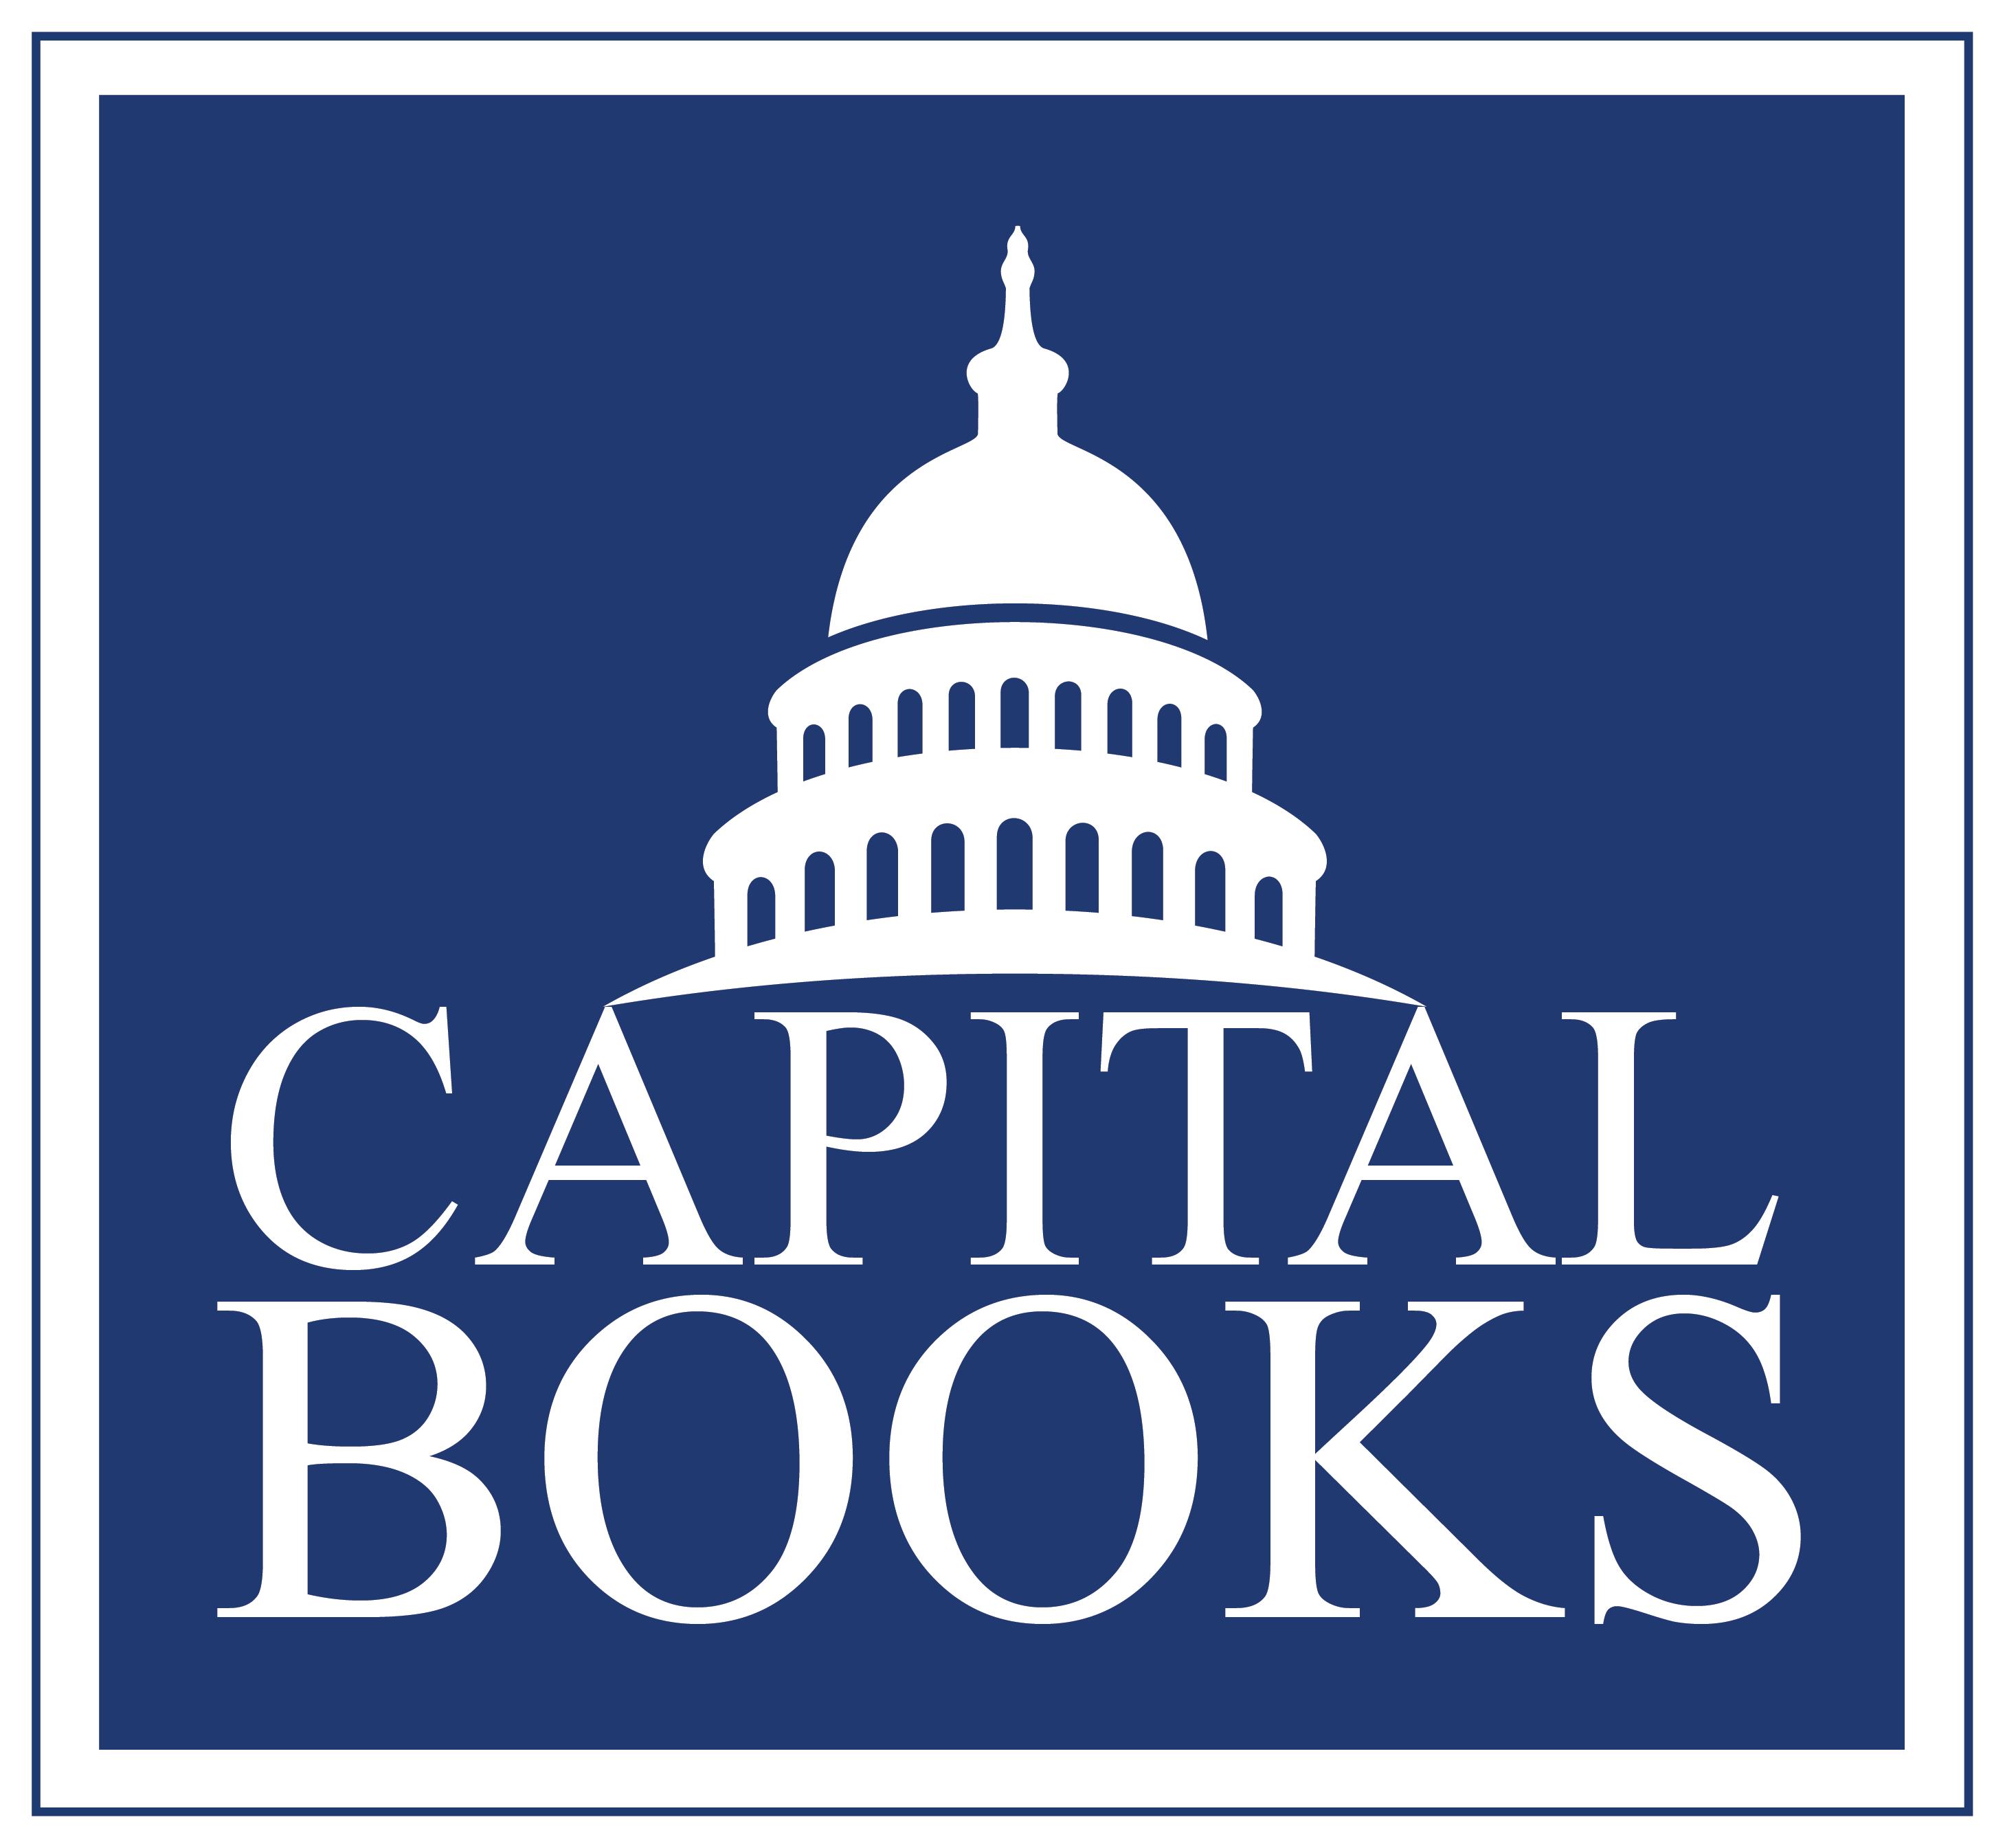 capitalbooksonk.com